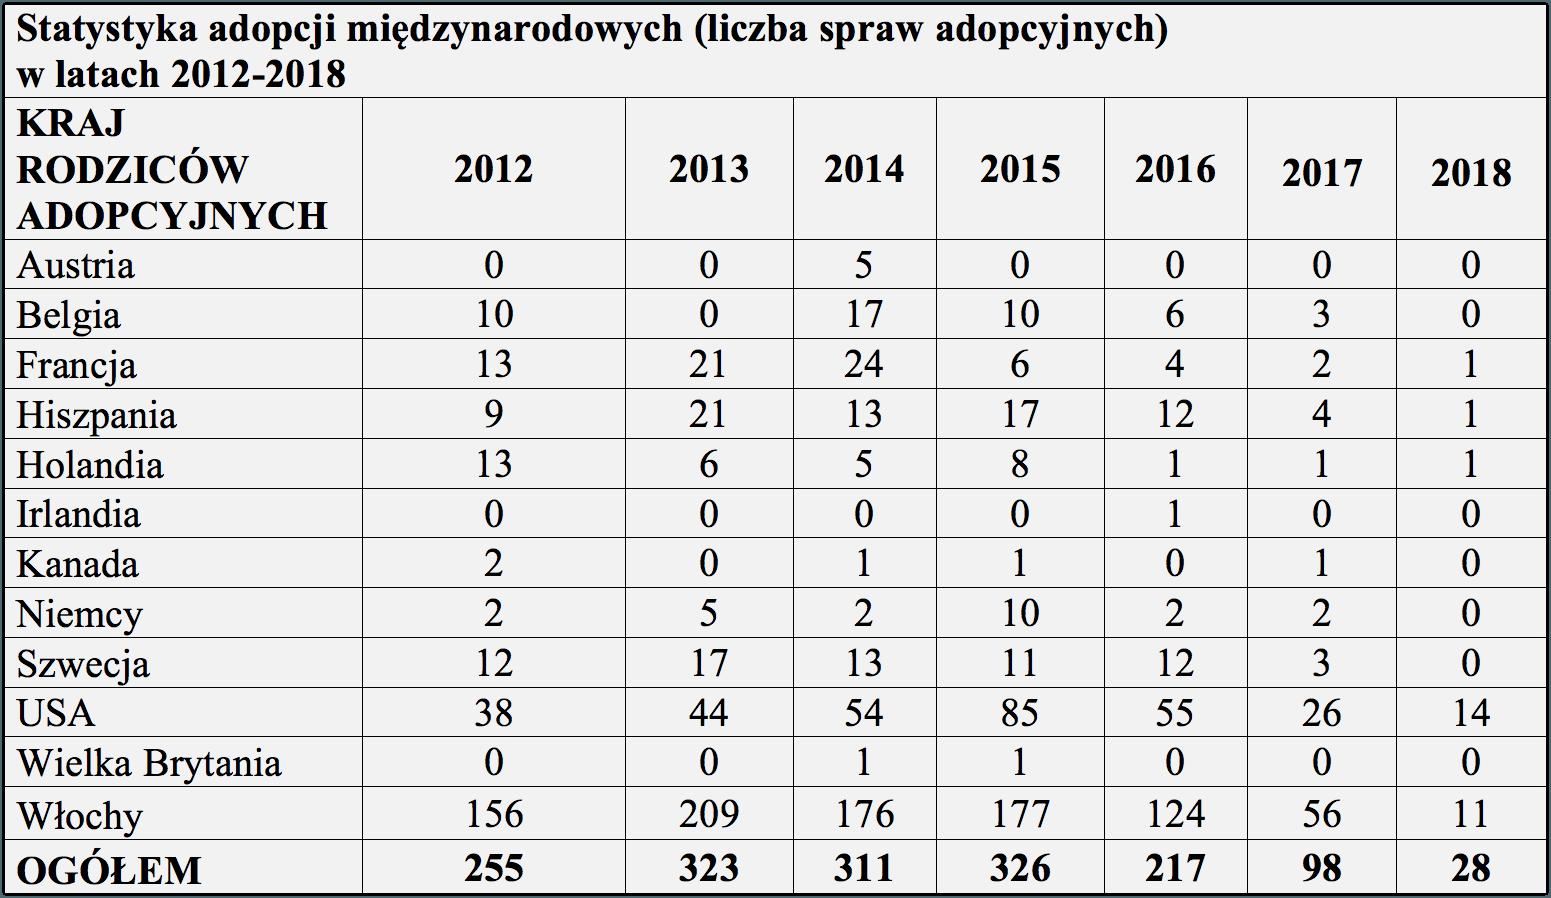 Ilość adopcji zagranicznych od 2012 roku